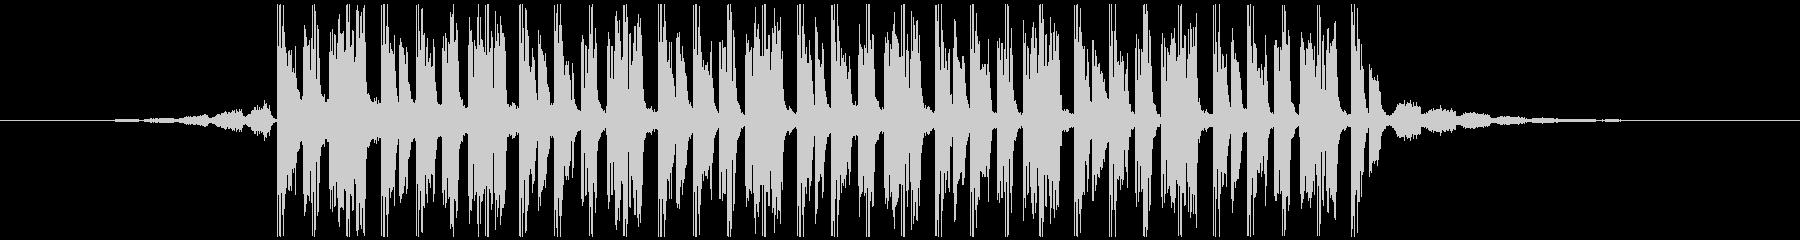 ラグジュアリーファッション(26秒)の未再生の波形